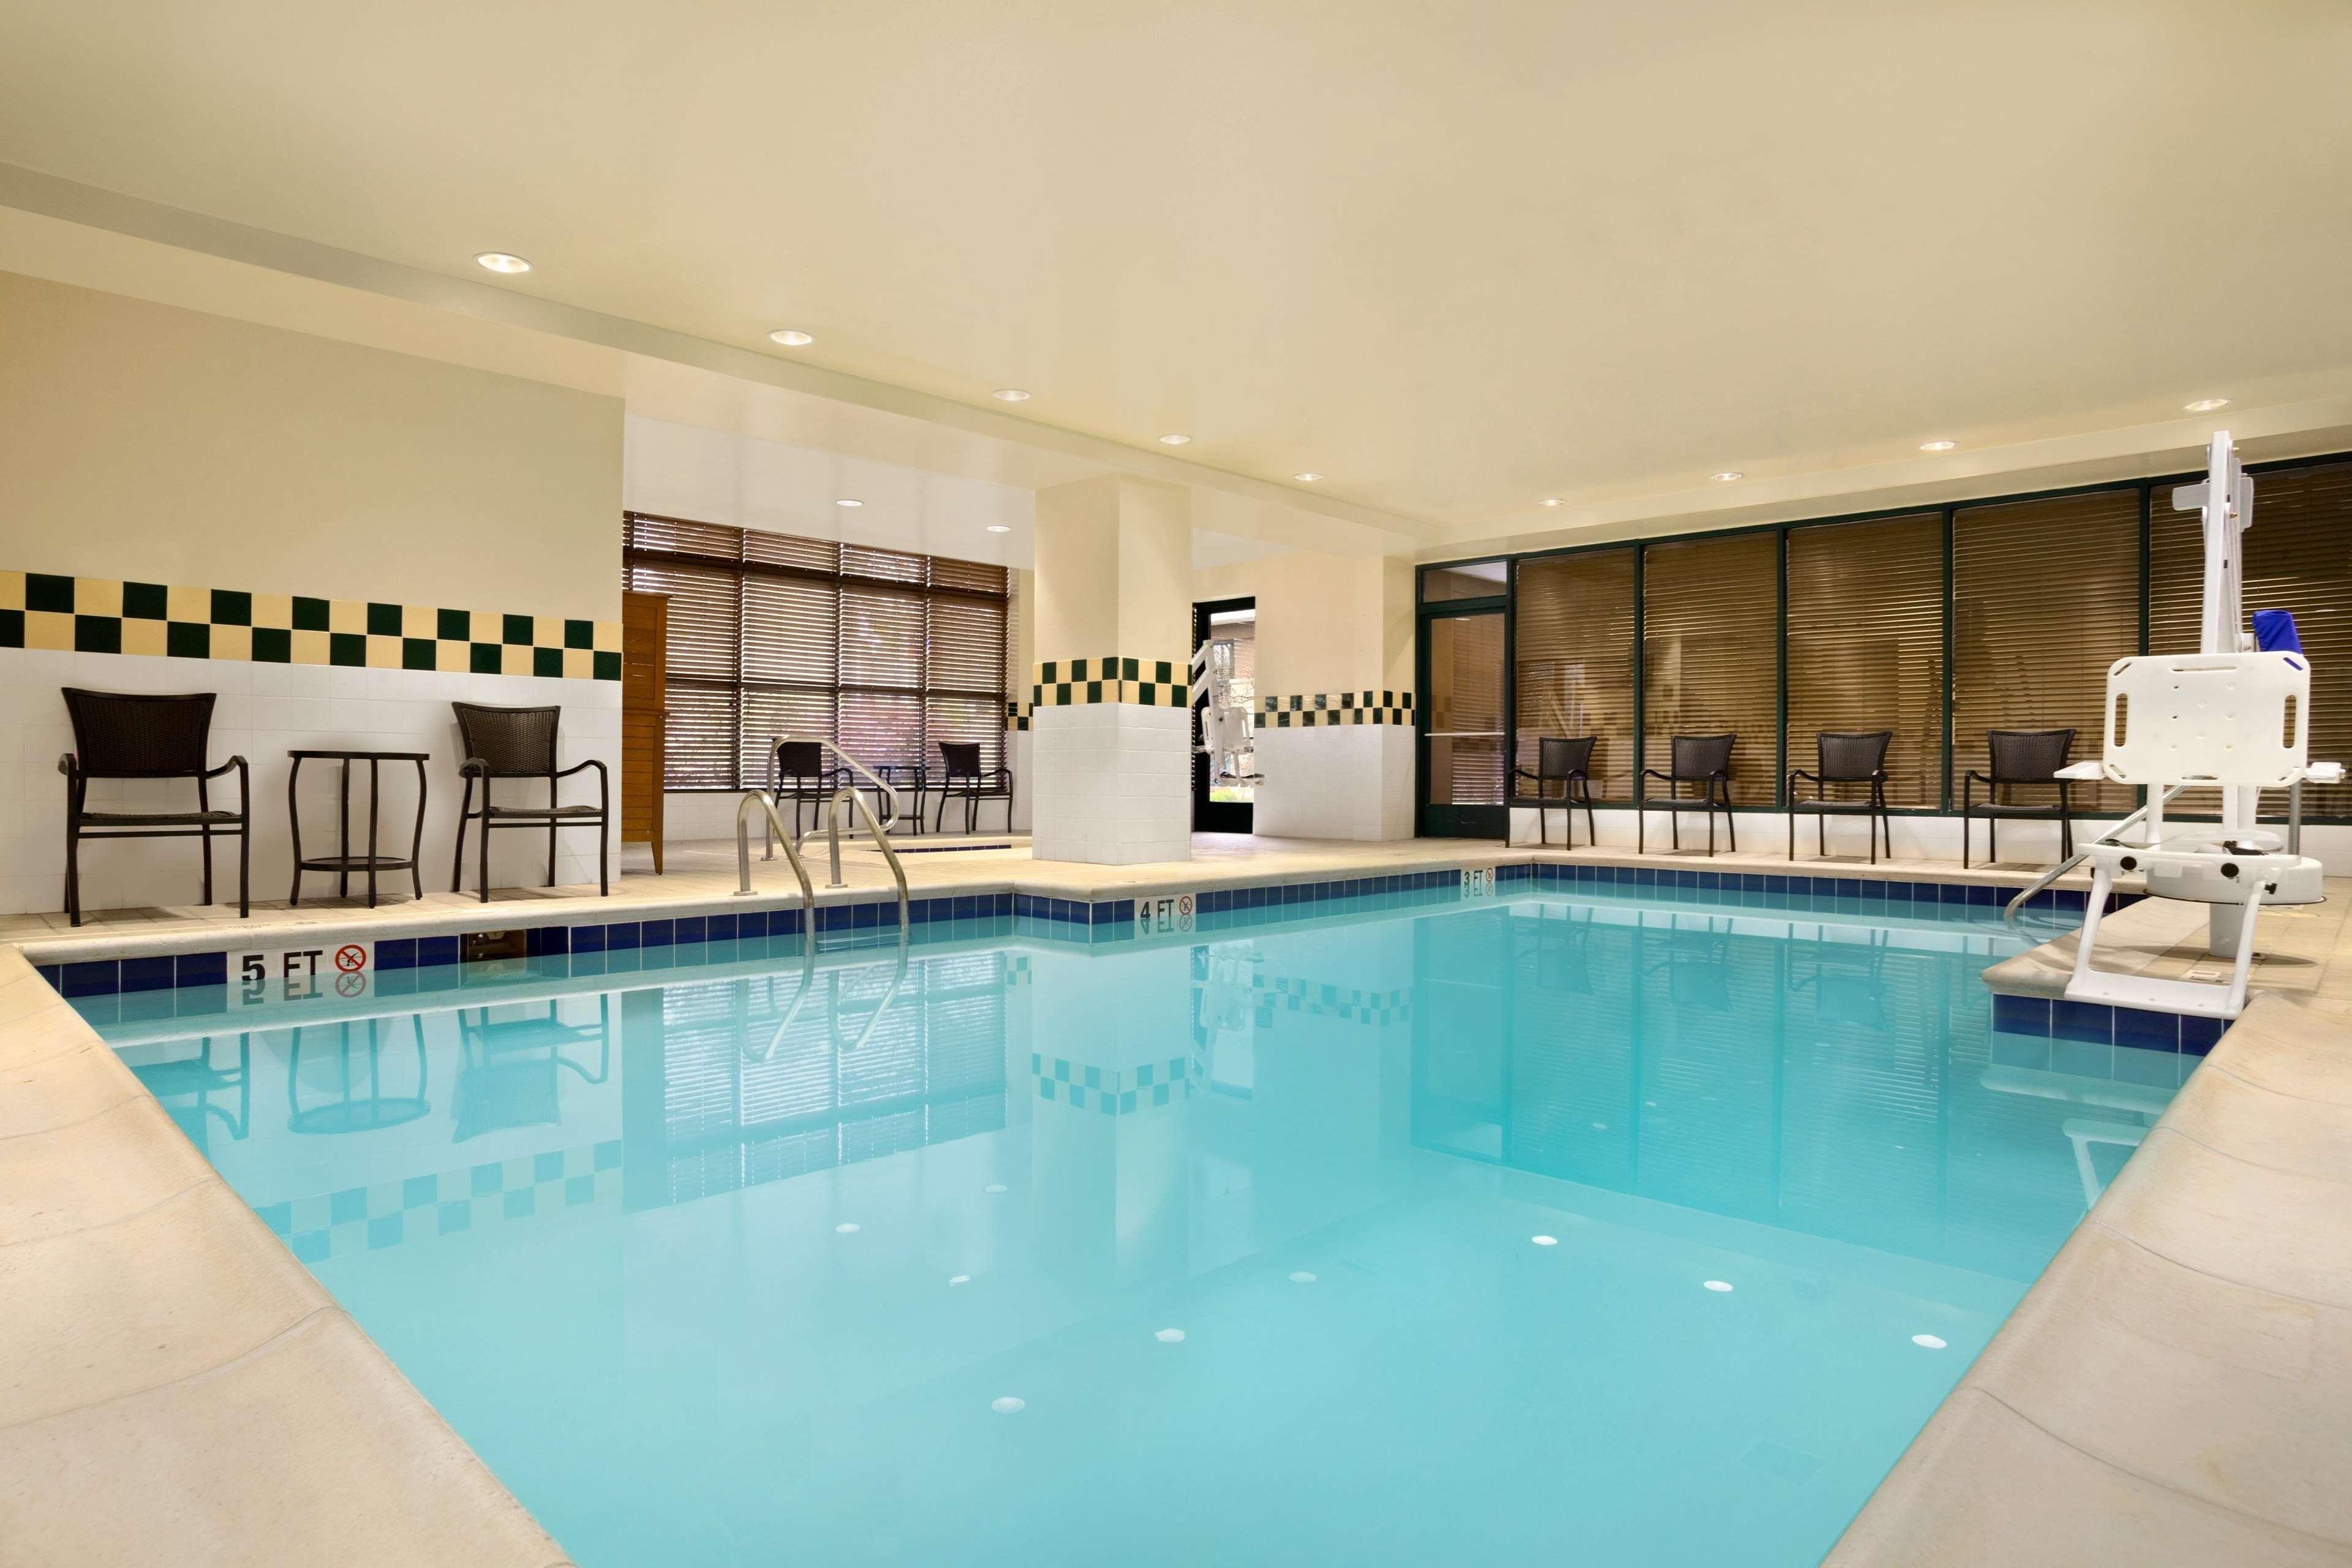 Hilton Garden Inn Atlanta Perimeter Center image 23